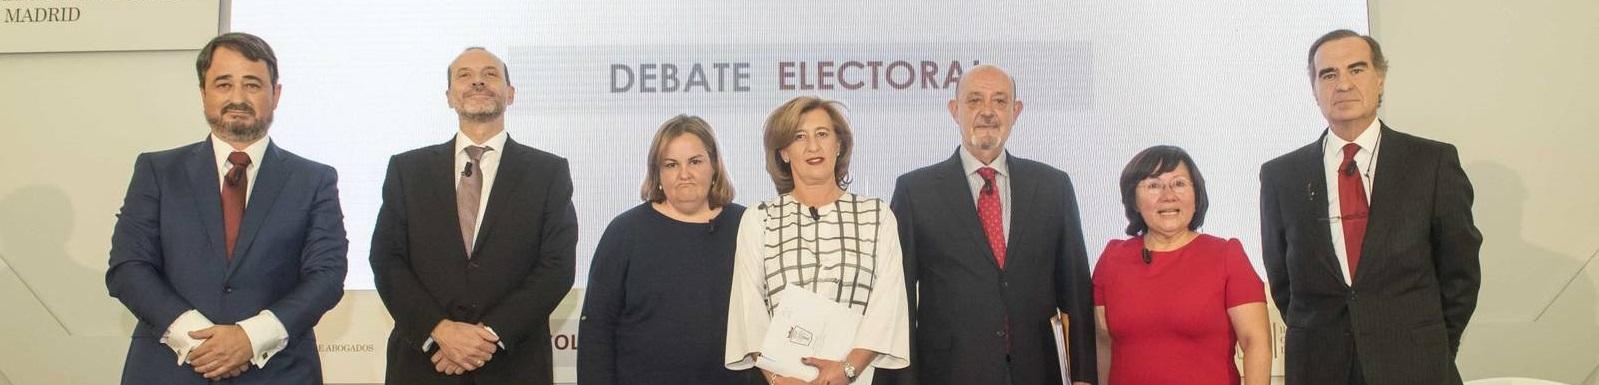 PONCE_DE_LEON_ABOGADOS_MADRID_OPINIONJURIDICA.BLOG_DERECHO_ADMINISTRATIVO_JOSE_UIS_GARDON_NUÑEZ_REQUISITOS_CANDIDATOS_ICAM_COLEGIO_DE_EBAOGADOS